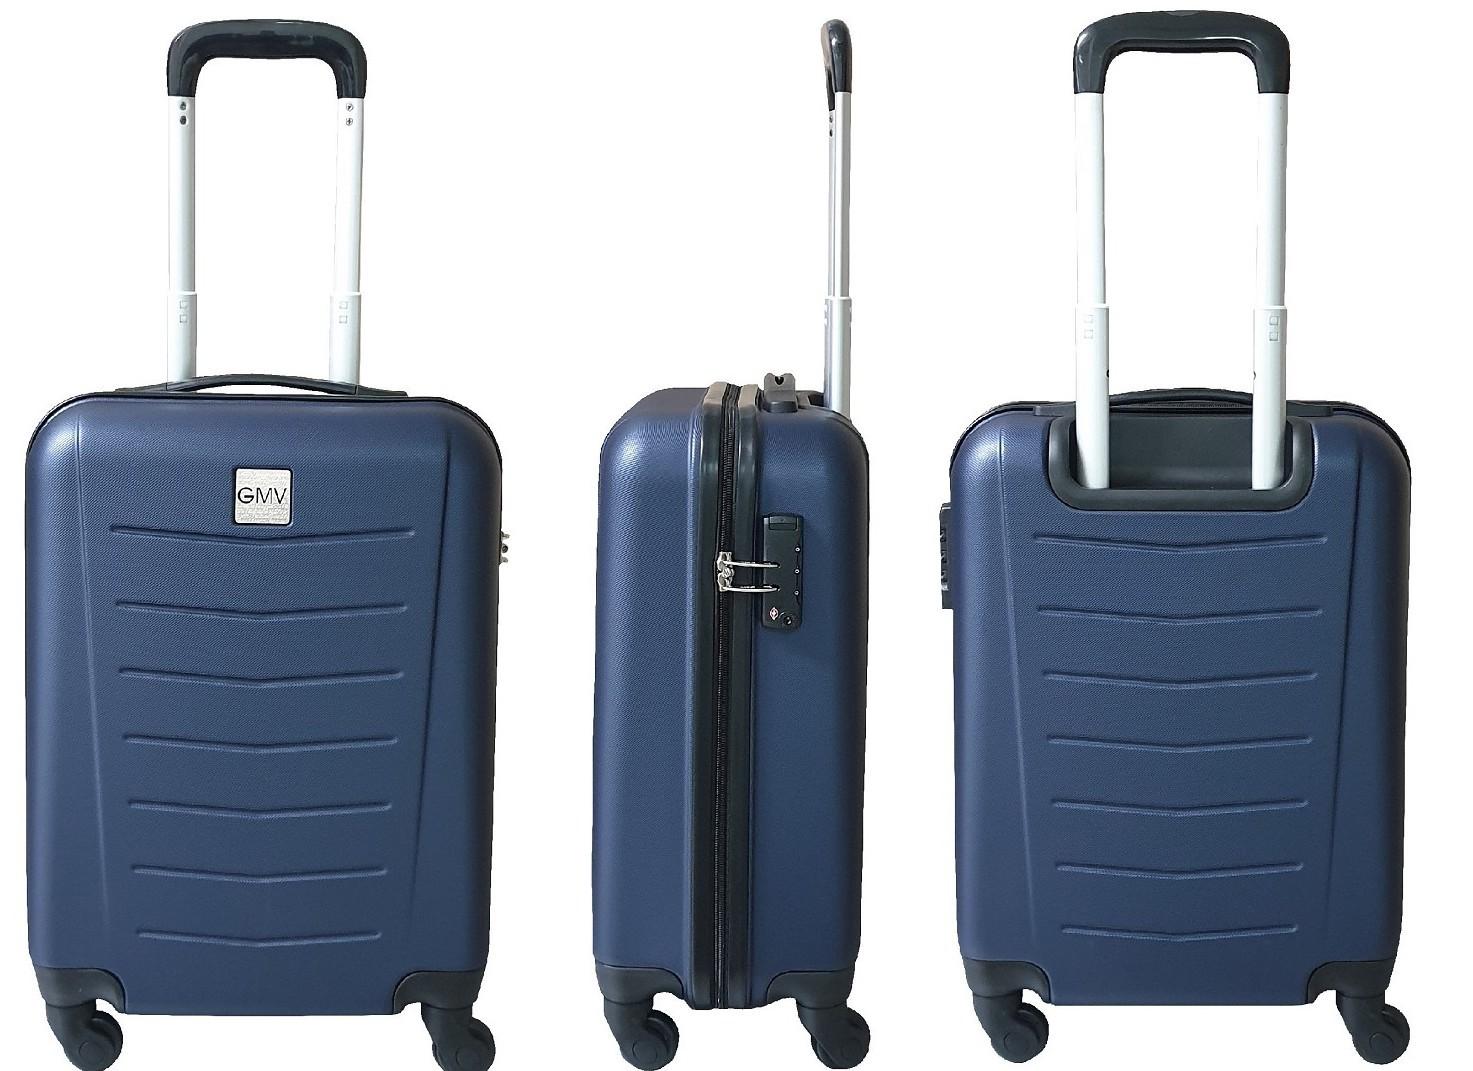 I 10 migliori trolley per aerei come bagaglio a mano da viaggio